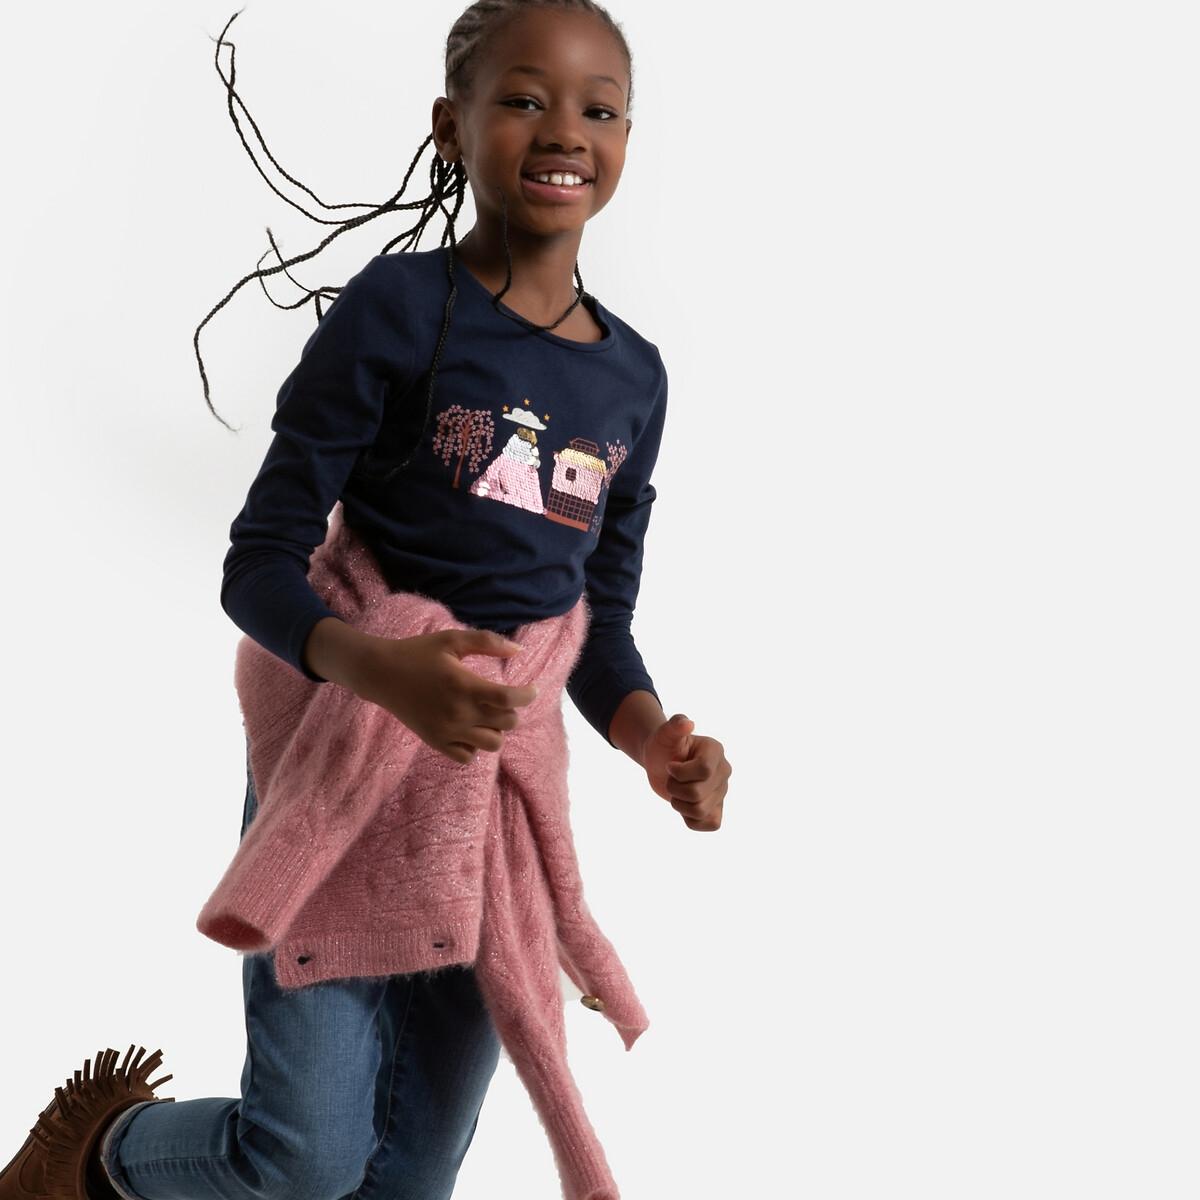 Фото - Футболка LaRedoute С длинными рукавами принт из блесток 3-12 лет 3 года - 94 см синий юбка laredoute прямая из легкого денима 3 12 лет 3 года 94 см синий